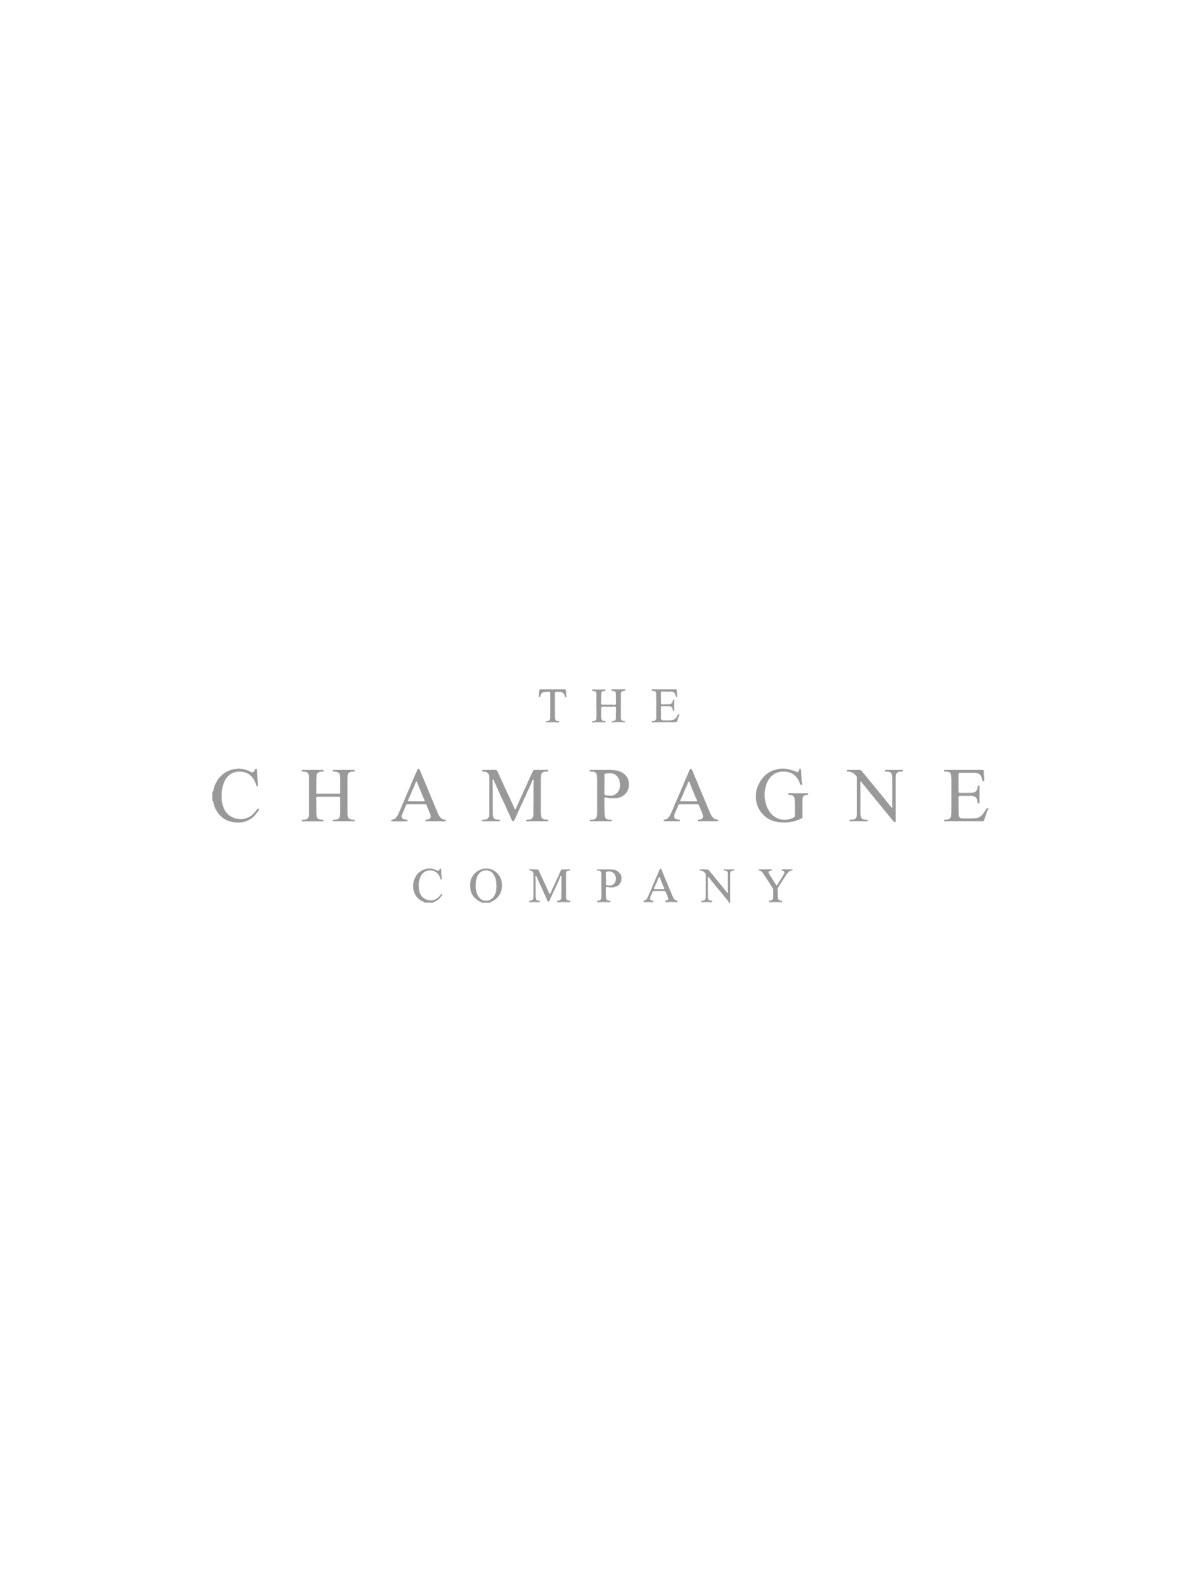 Milk Marc de Champagne Truffles Charbonnel & Walker 275g